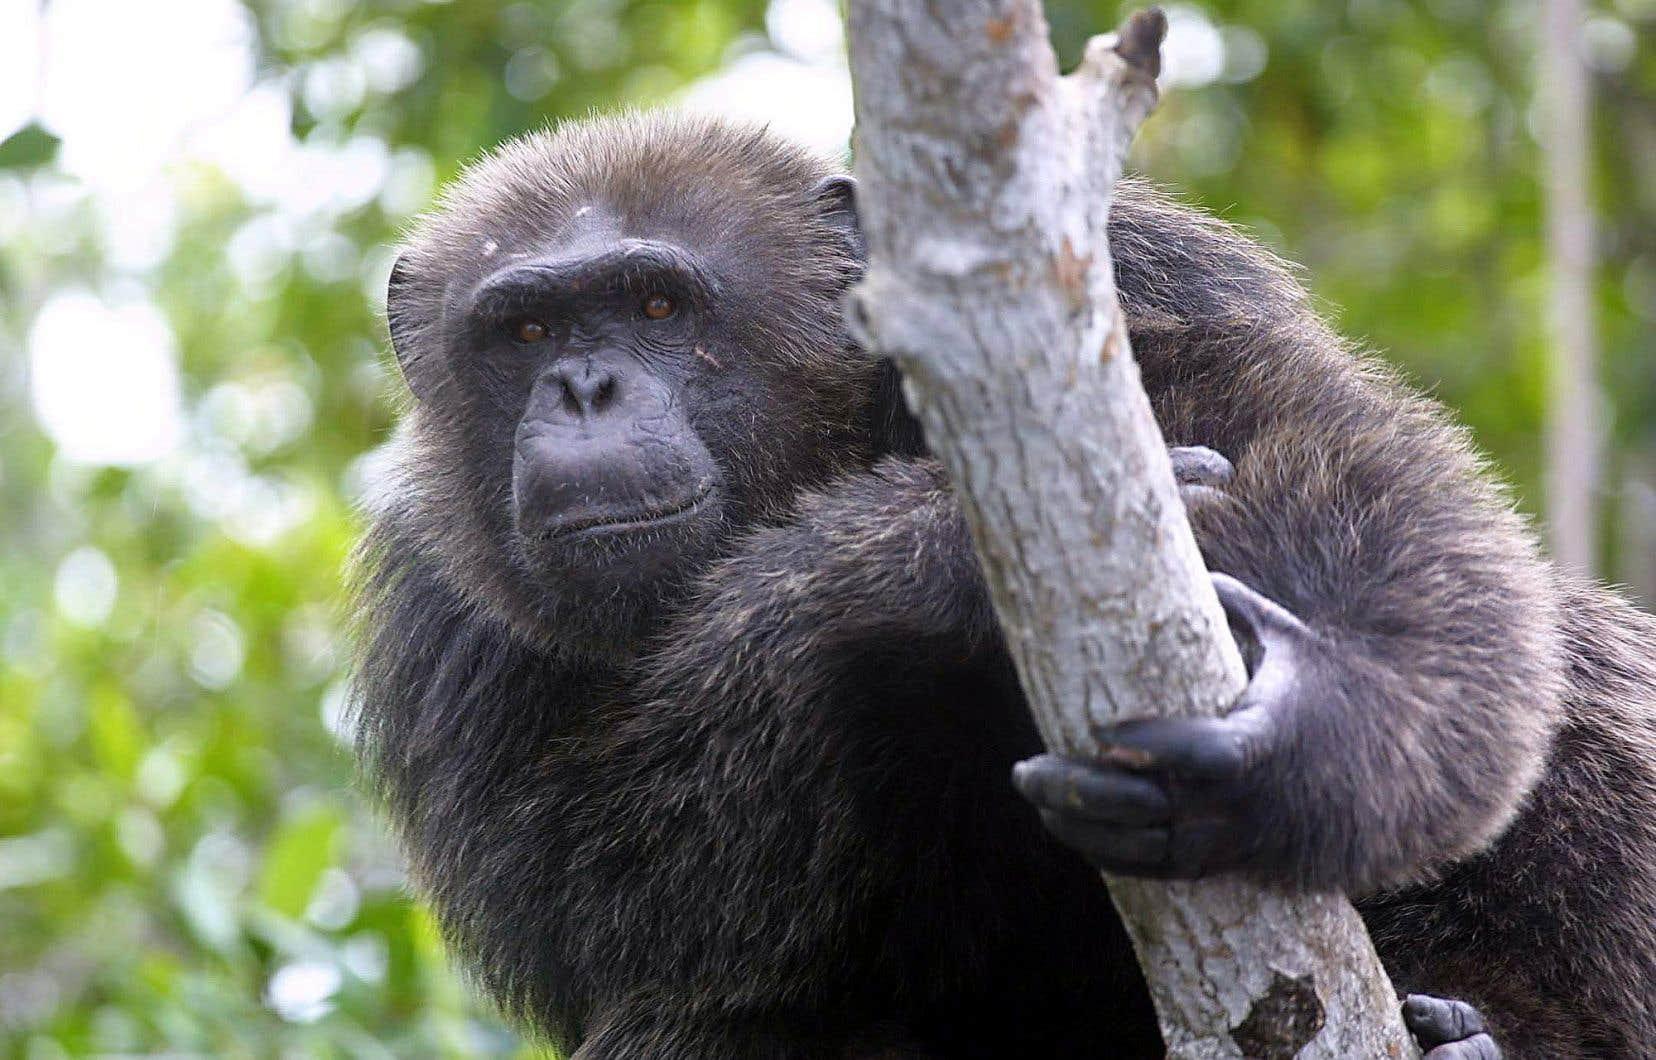 Les comportements sociaux des chimpanzés ont été étudiés pendant un demi-siècle par la primatologue Jane Goodall.